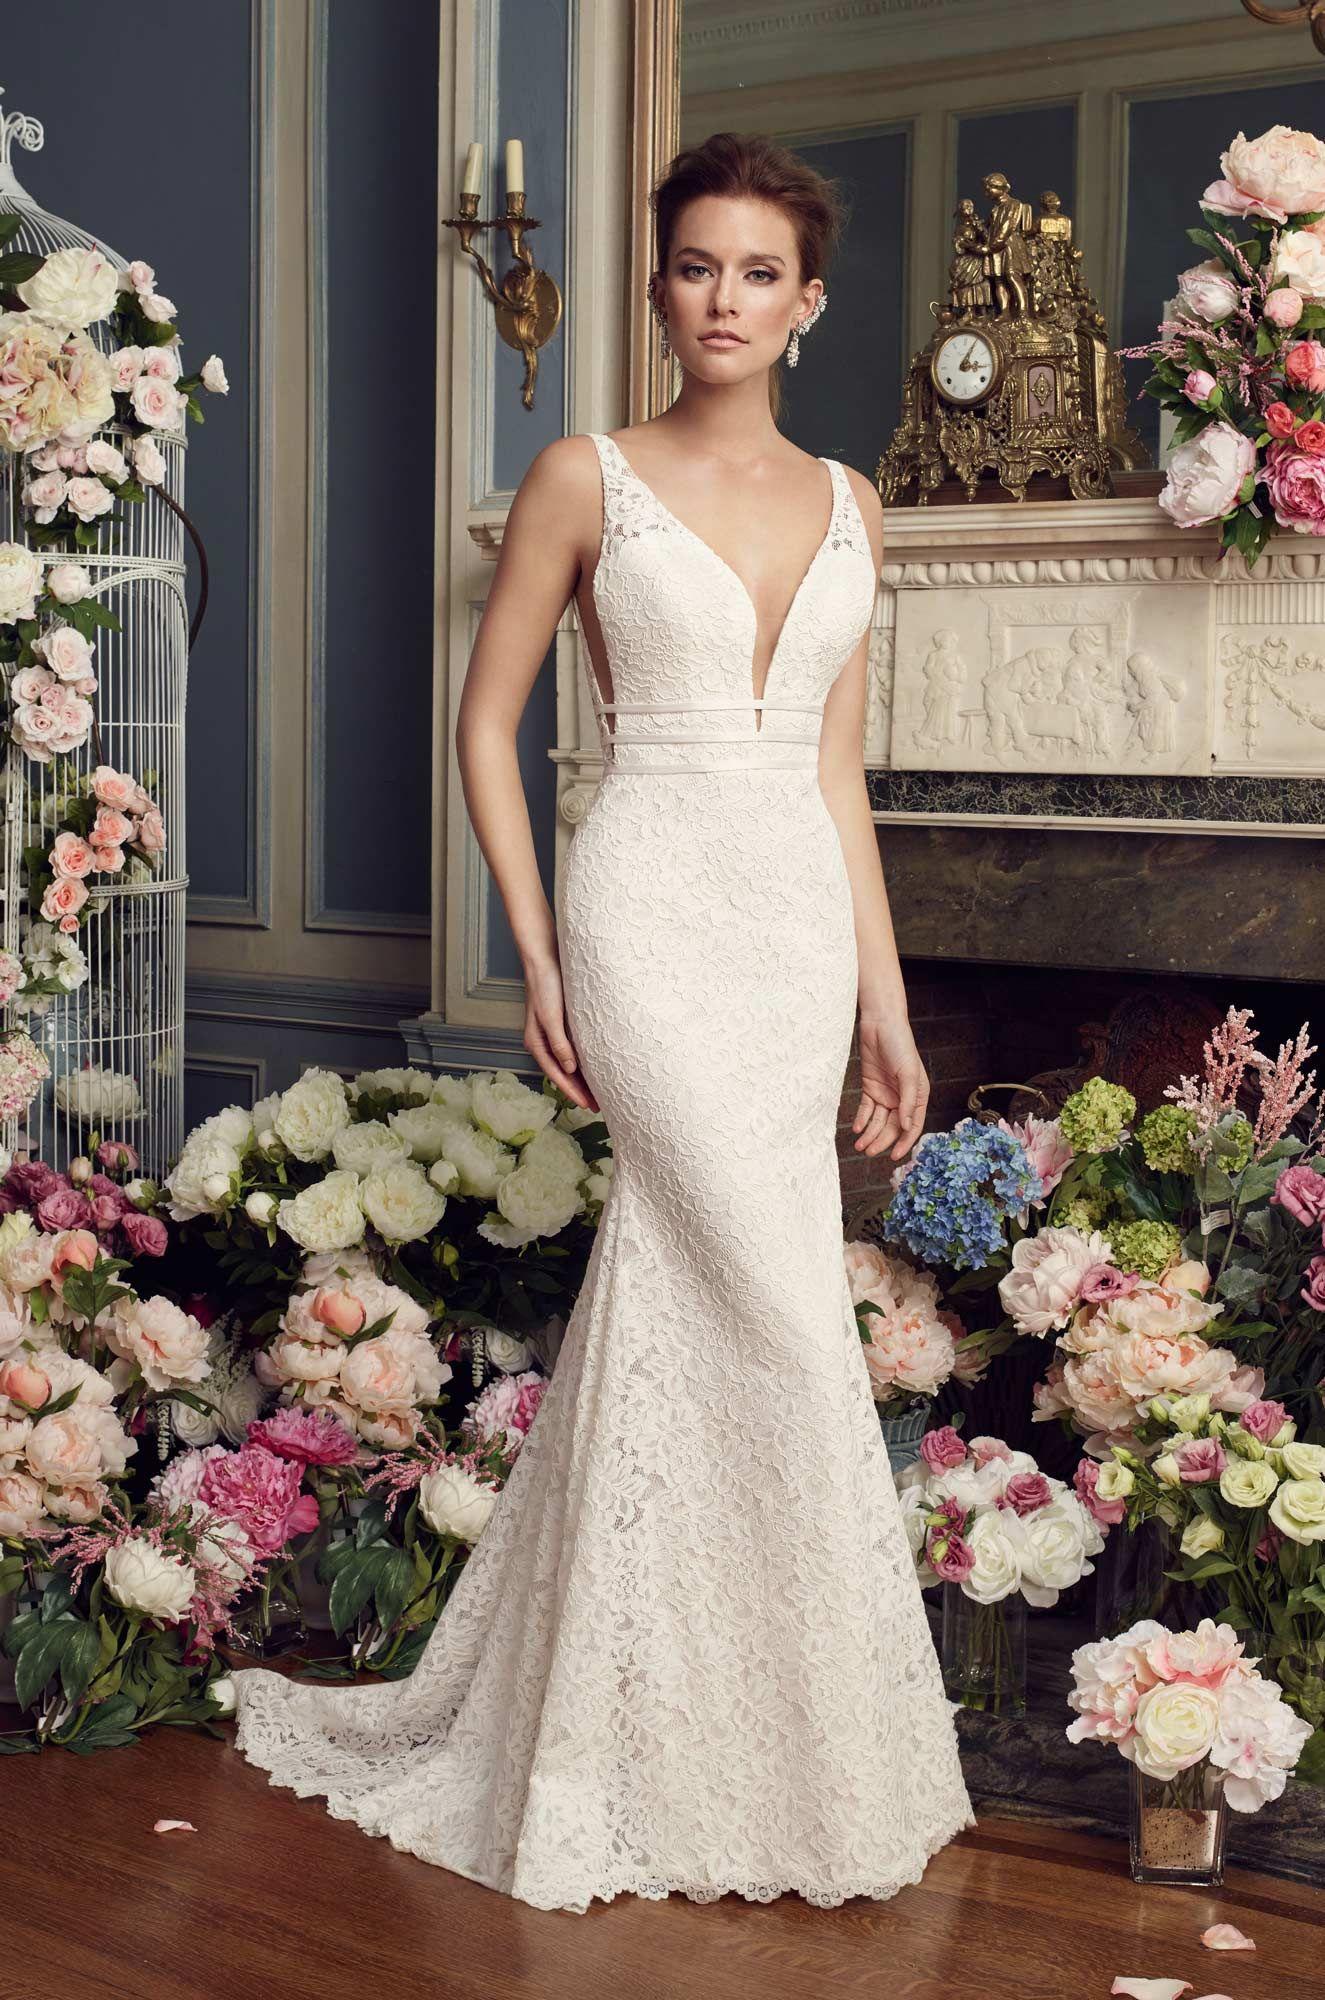 Dramatic lace wedding dress style mikaella bridal lace